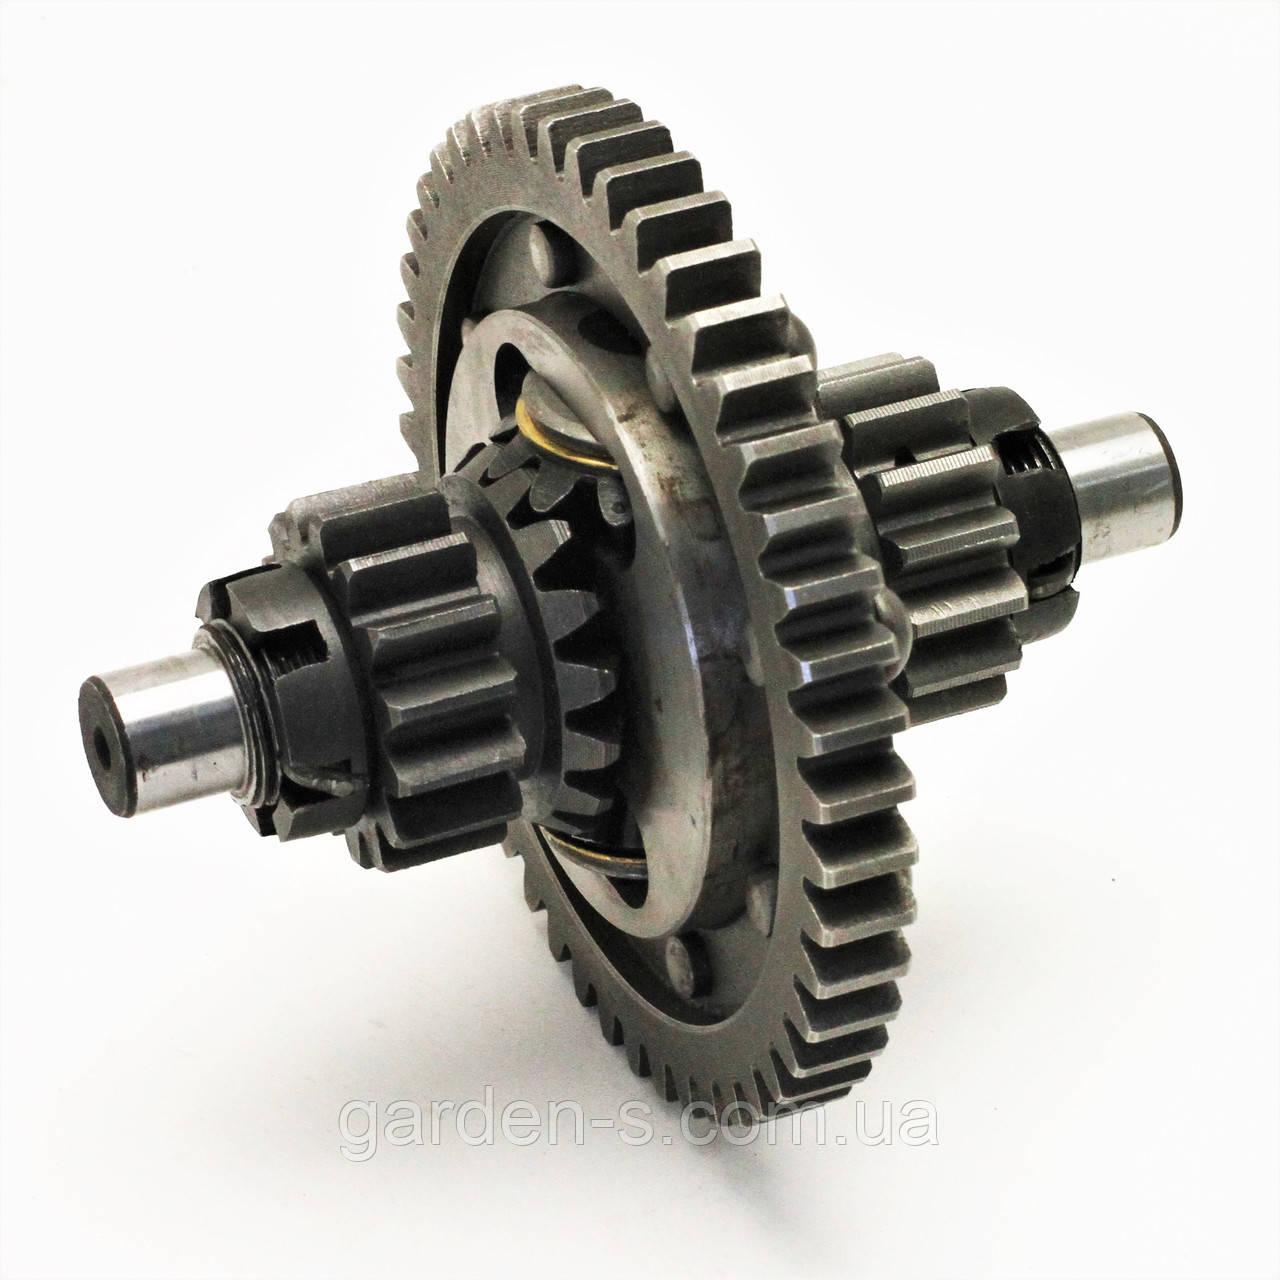 Дифференциал для мототрактора минитрактора (на заклёпках)